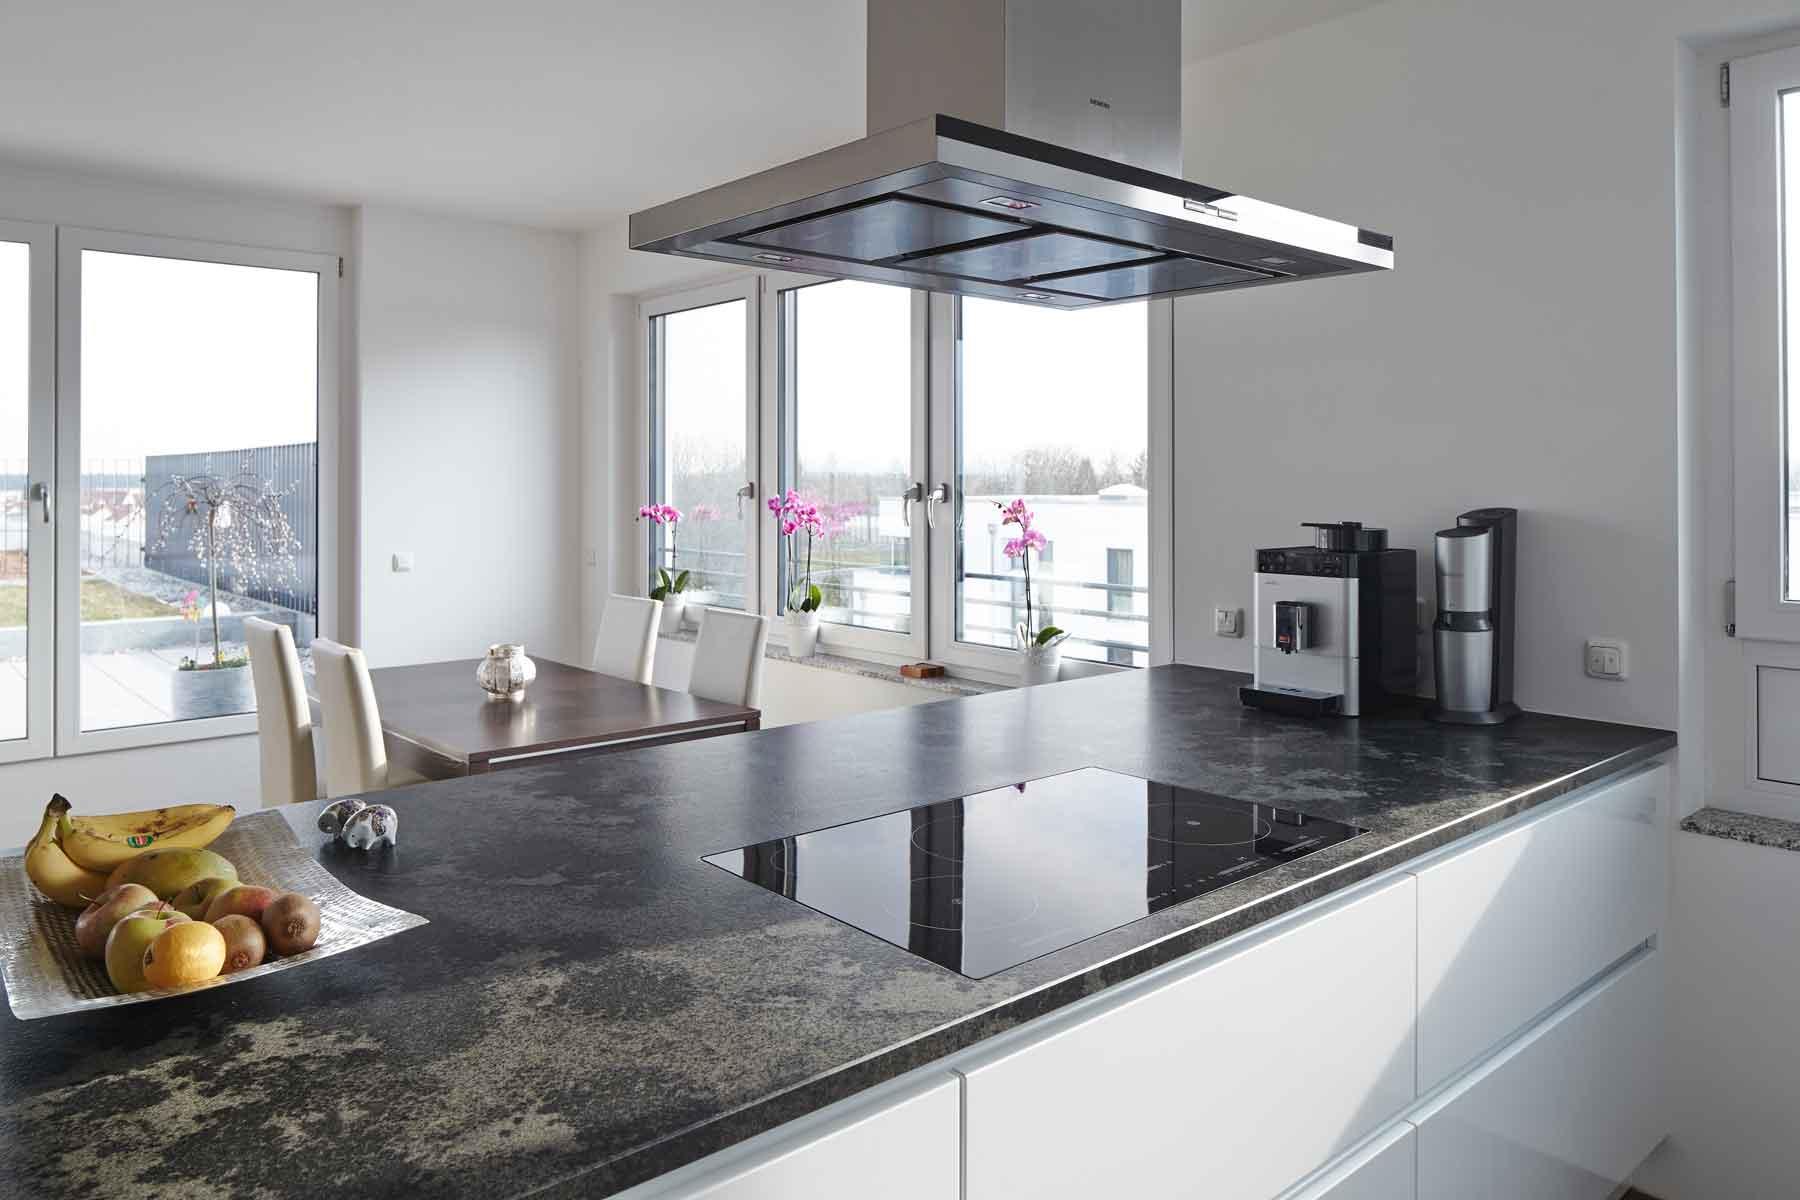 Niedlich Küche Verzierenart Quiz Bilder - Küchen Design Ideen ...